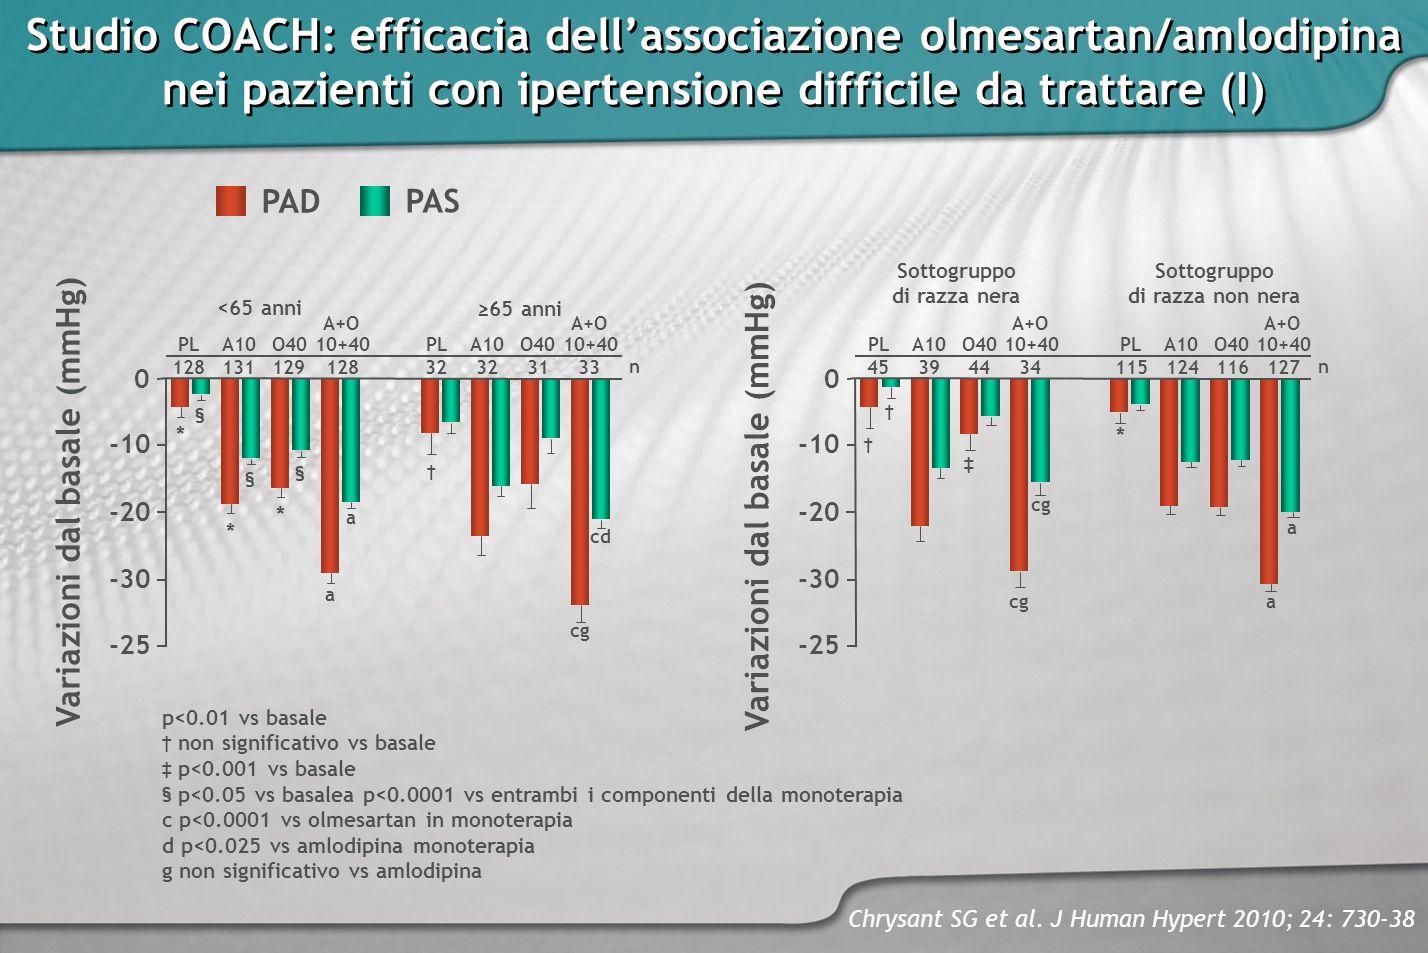 Chrysant SG et al. J Human Hypert 2010; 24: 730-38 Studio COACH: efficacia dellassociazione olmesartan/amlodipina nei pazienti con ipertensione diffic